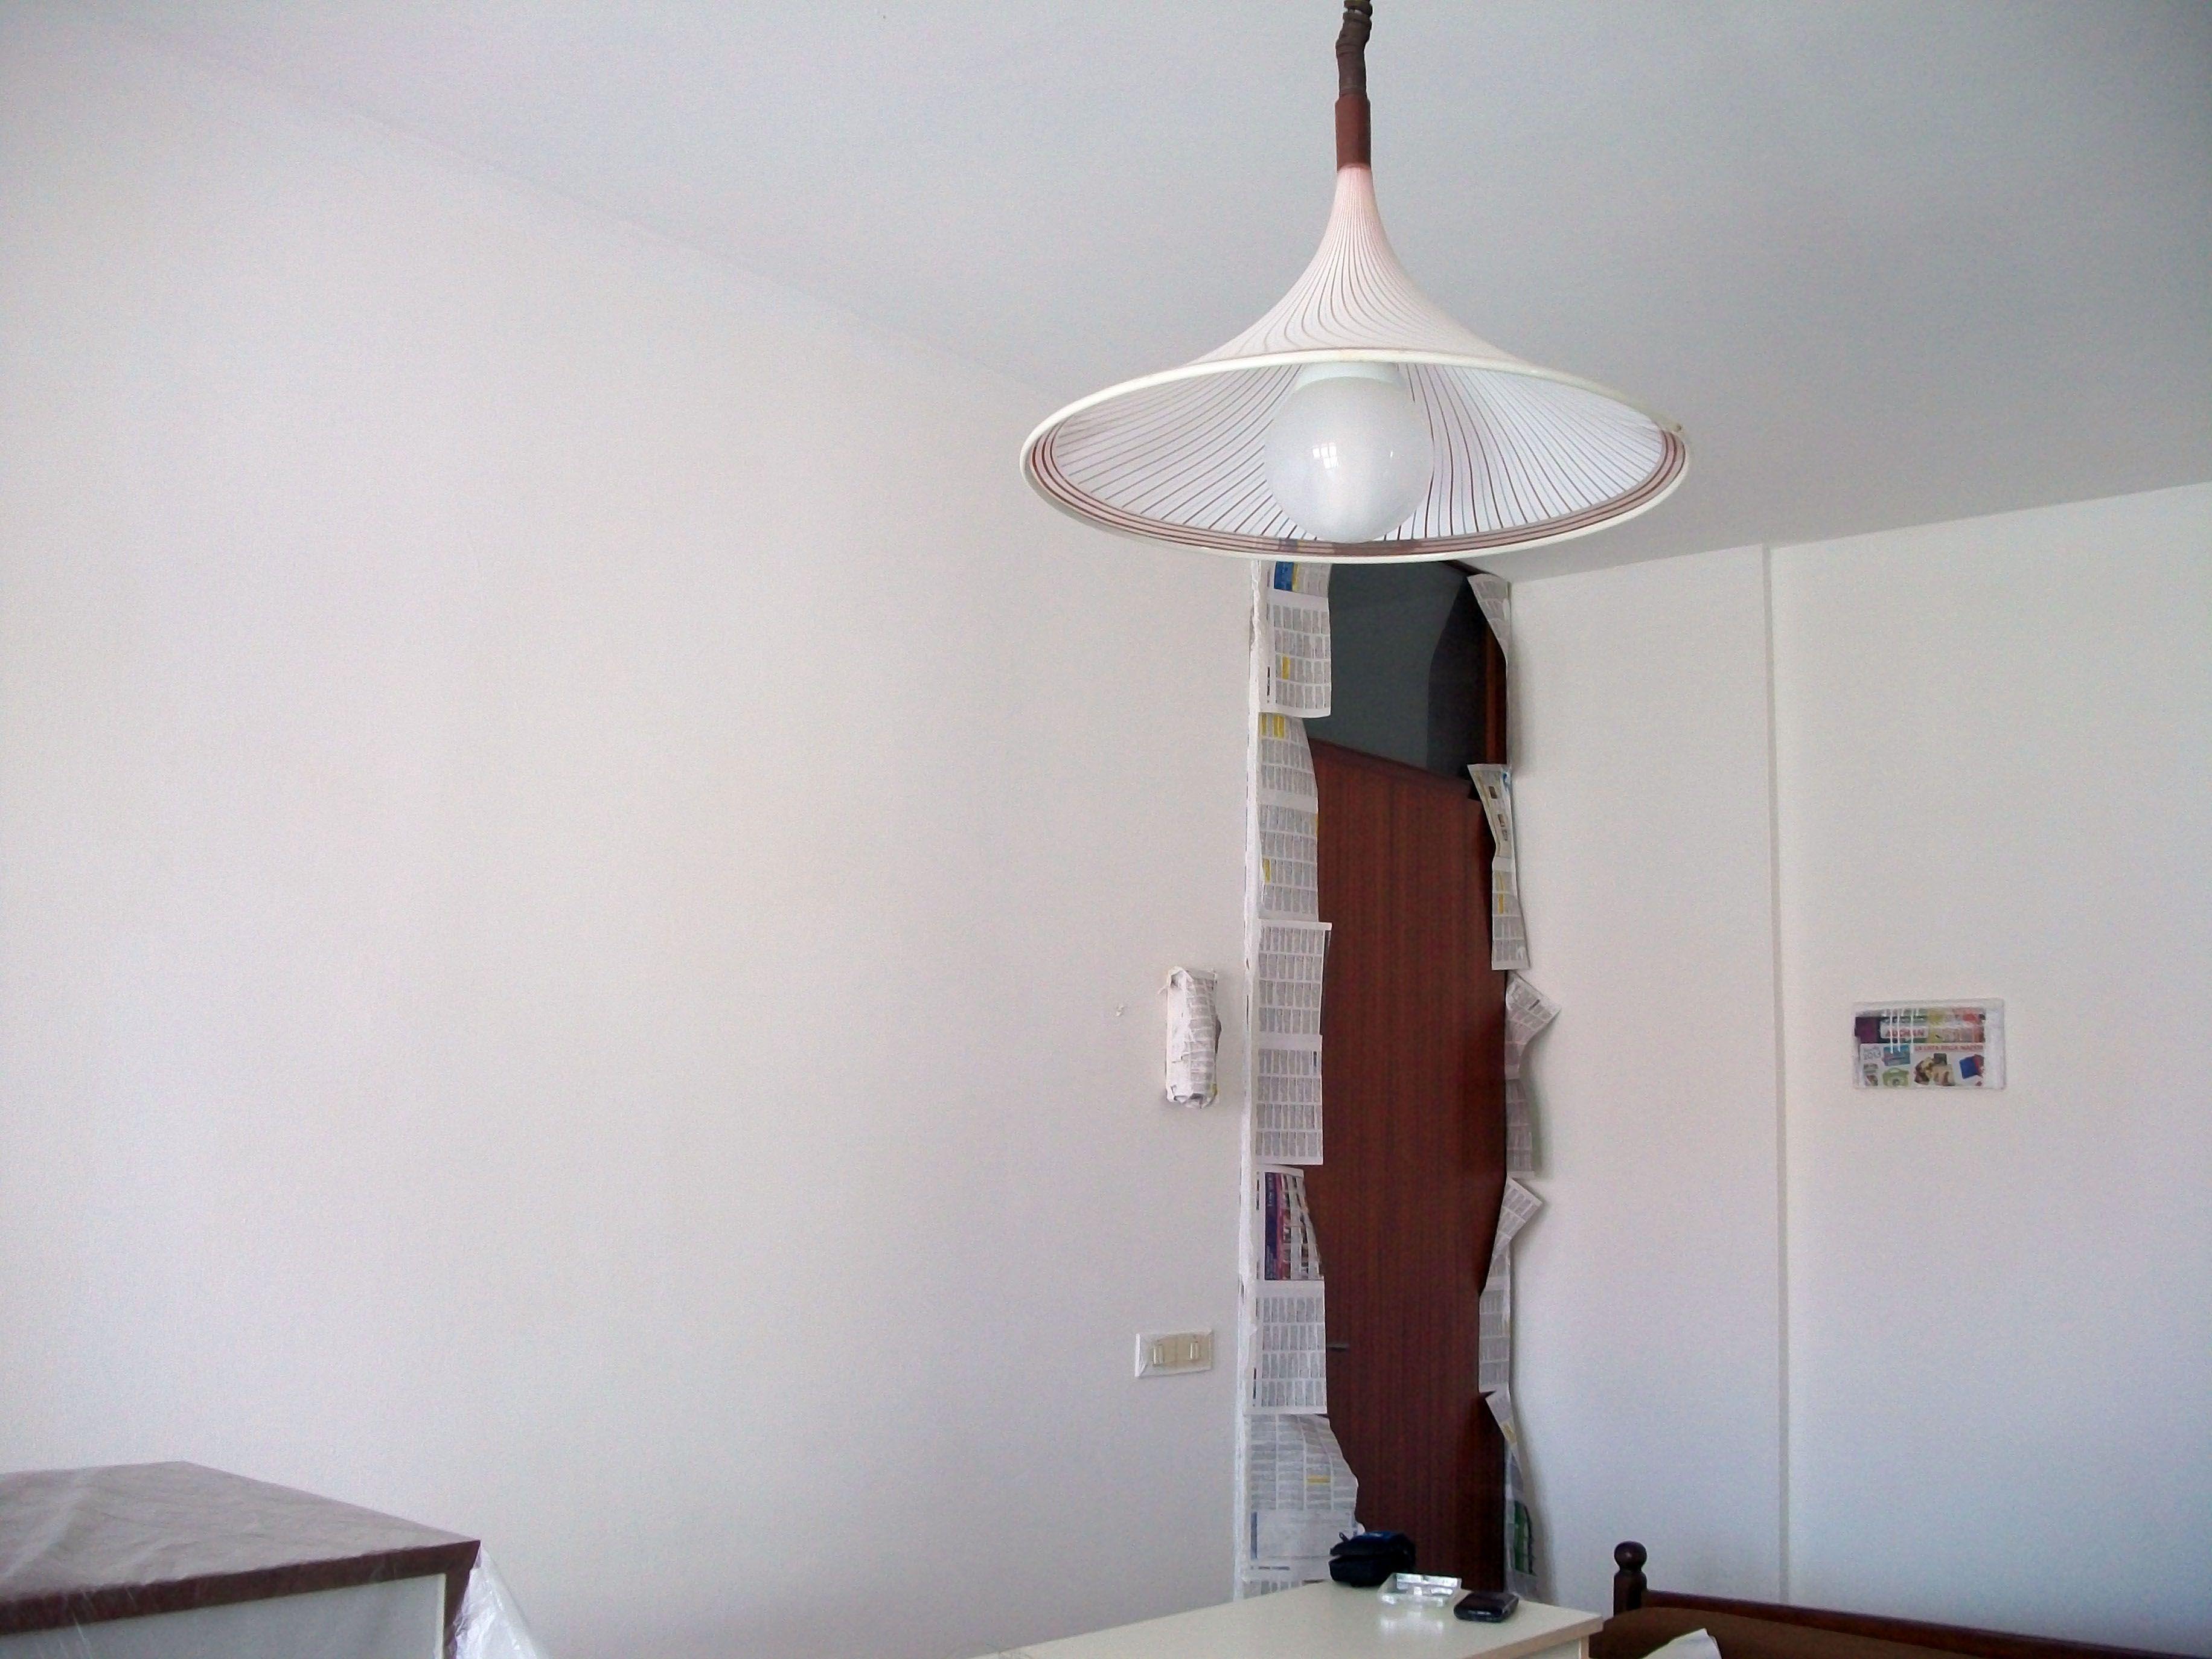 Decorazioni soggiorno ~ Pareti sud ovest d ingresso soggiorno prima mano di fondo